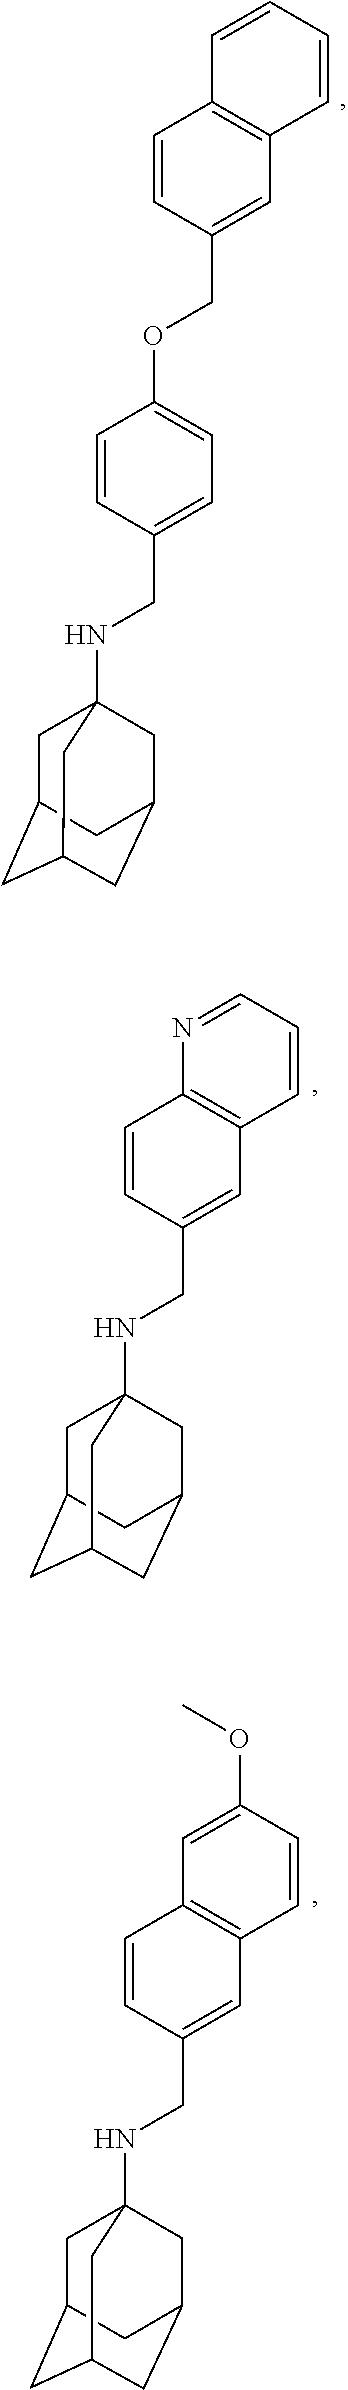 Figure US09884832-20180206-C00137